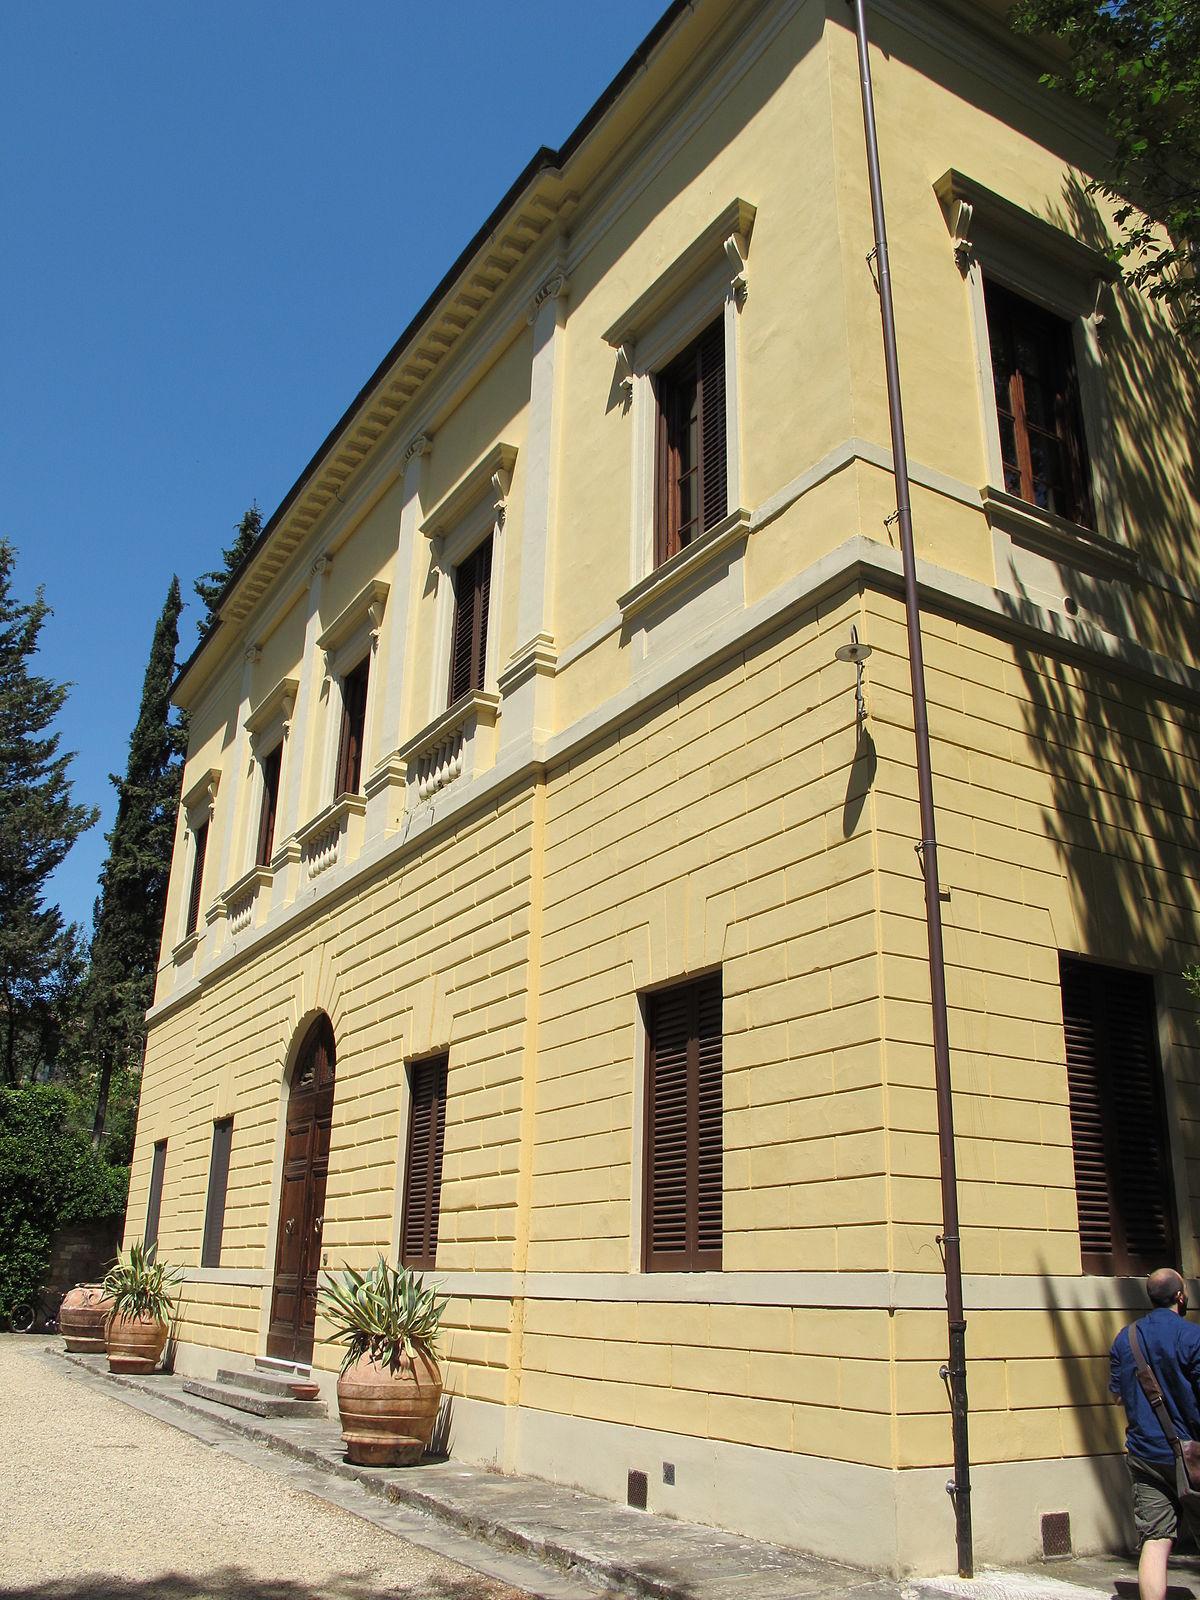 Villa romana prize wikidata for Villas romanas